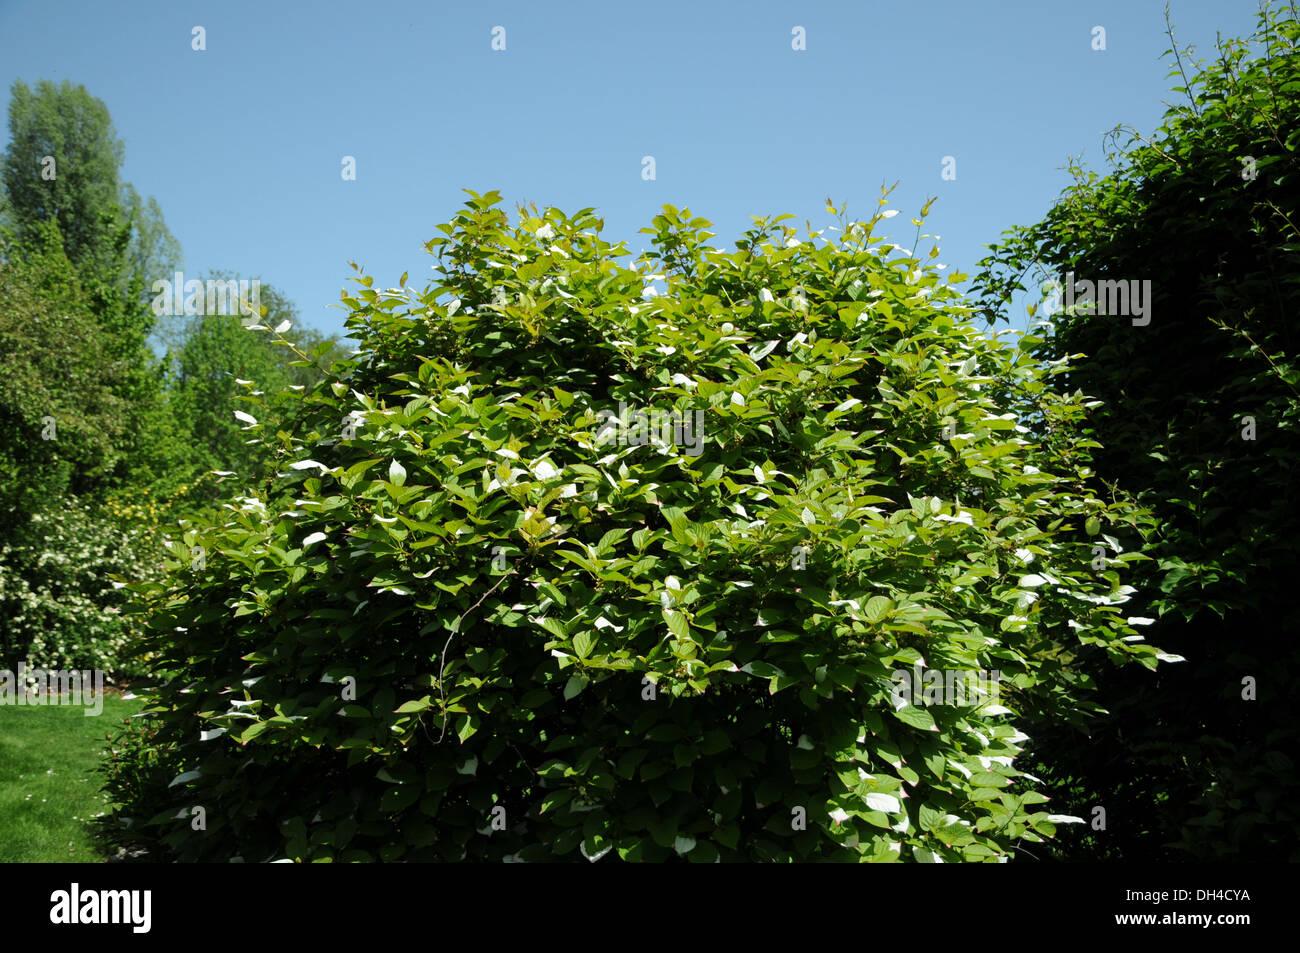 Japanese Kiwi - Stock Image